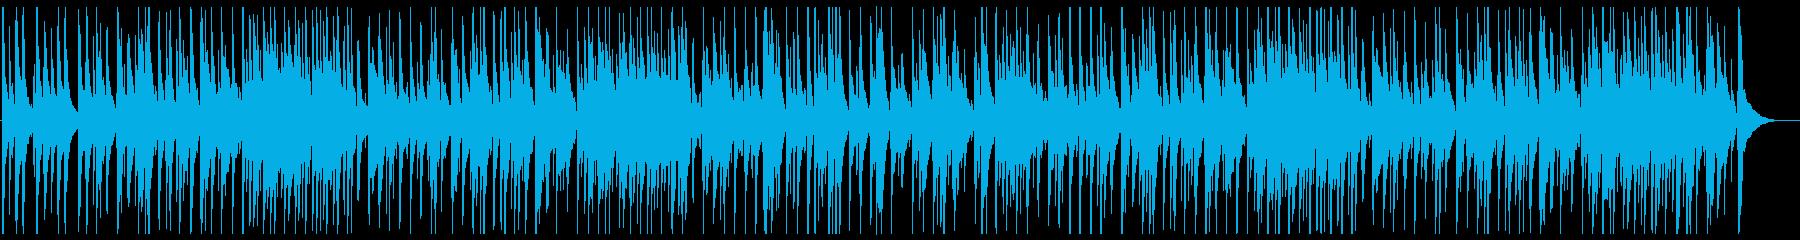 故郷(ふるさと)ウクレレカバーの再生済みの波形